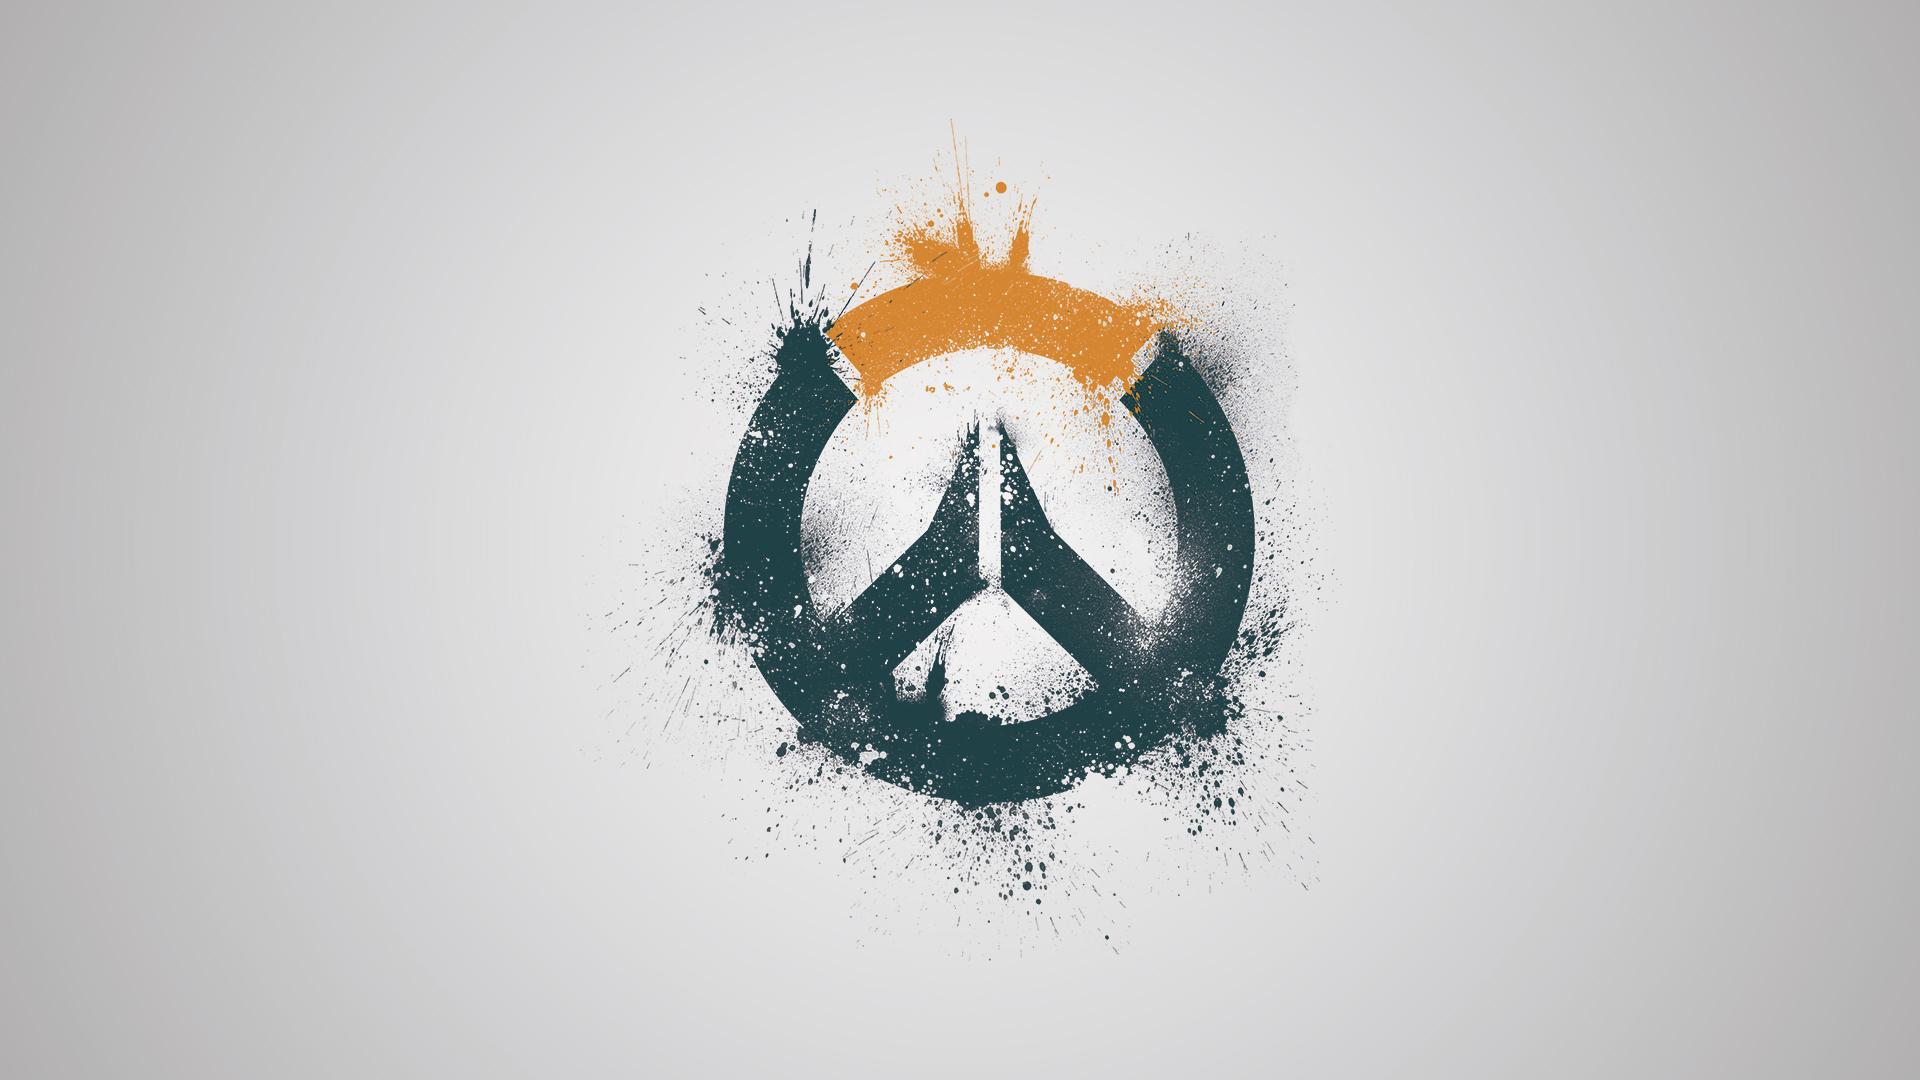 overwatch_wallpaper_hd_by_mrnocilla-d9q4